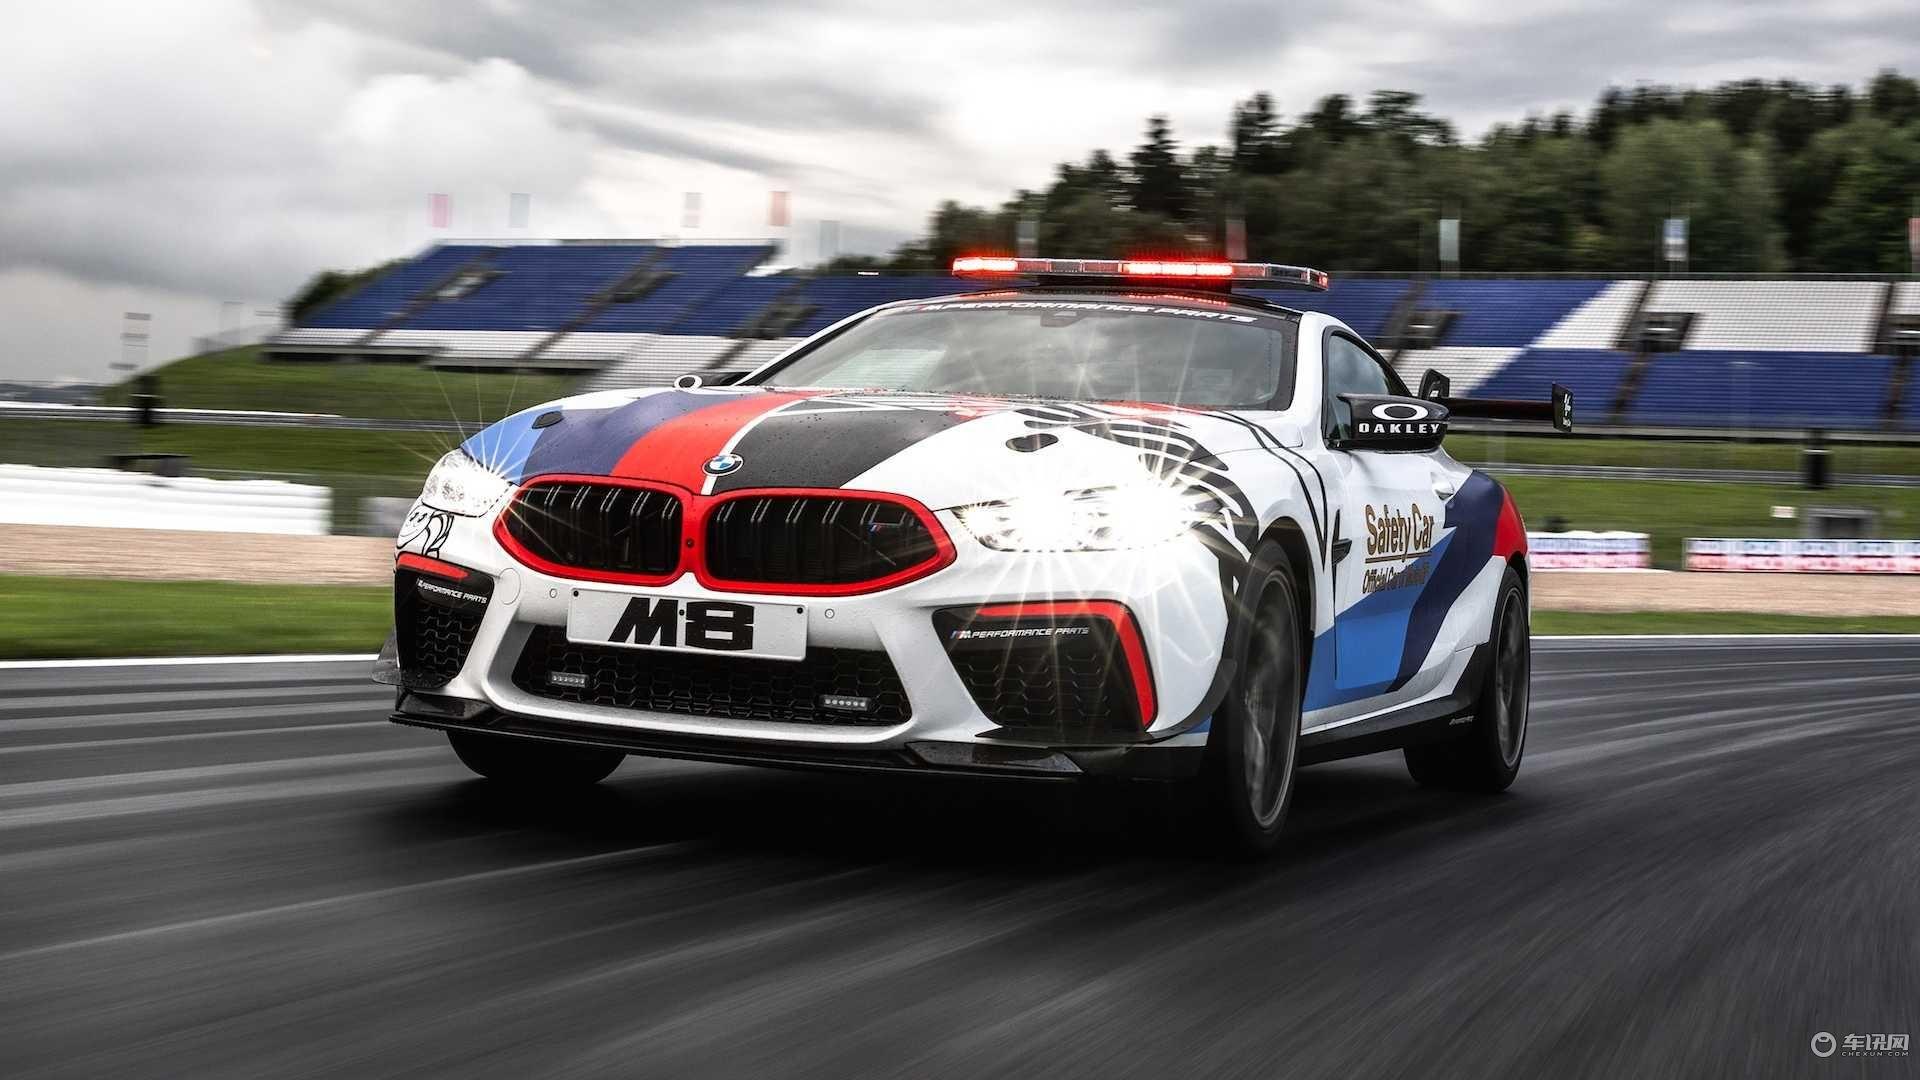 MotoGP安全团队的旗舰型号宝马推出了M8安全车